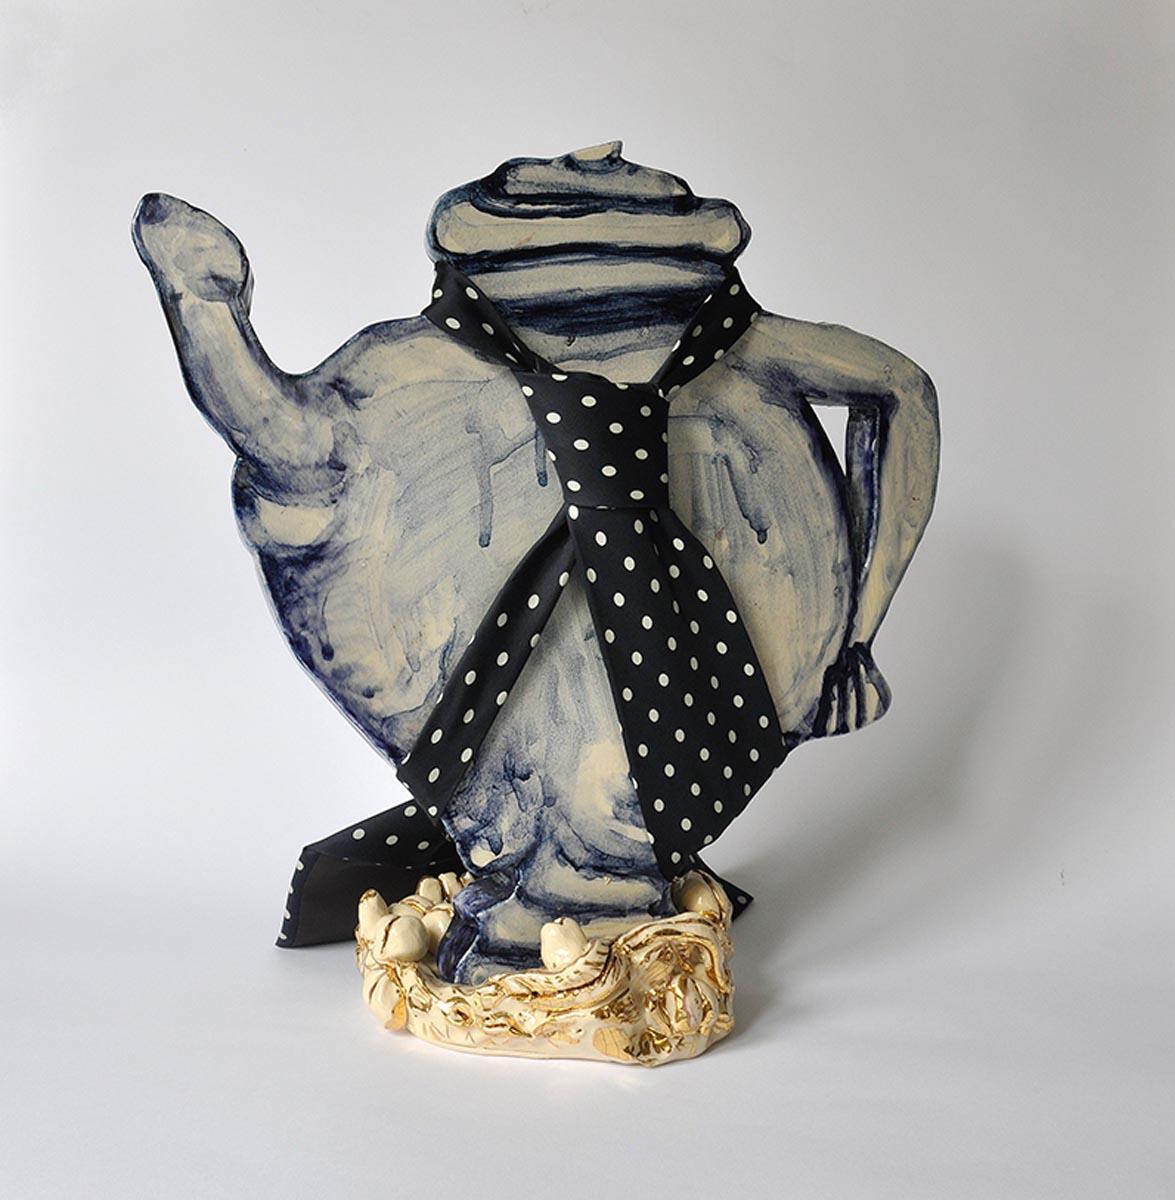 Plus Caresse. Cerámica y corbata de seda